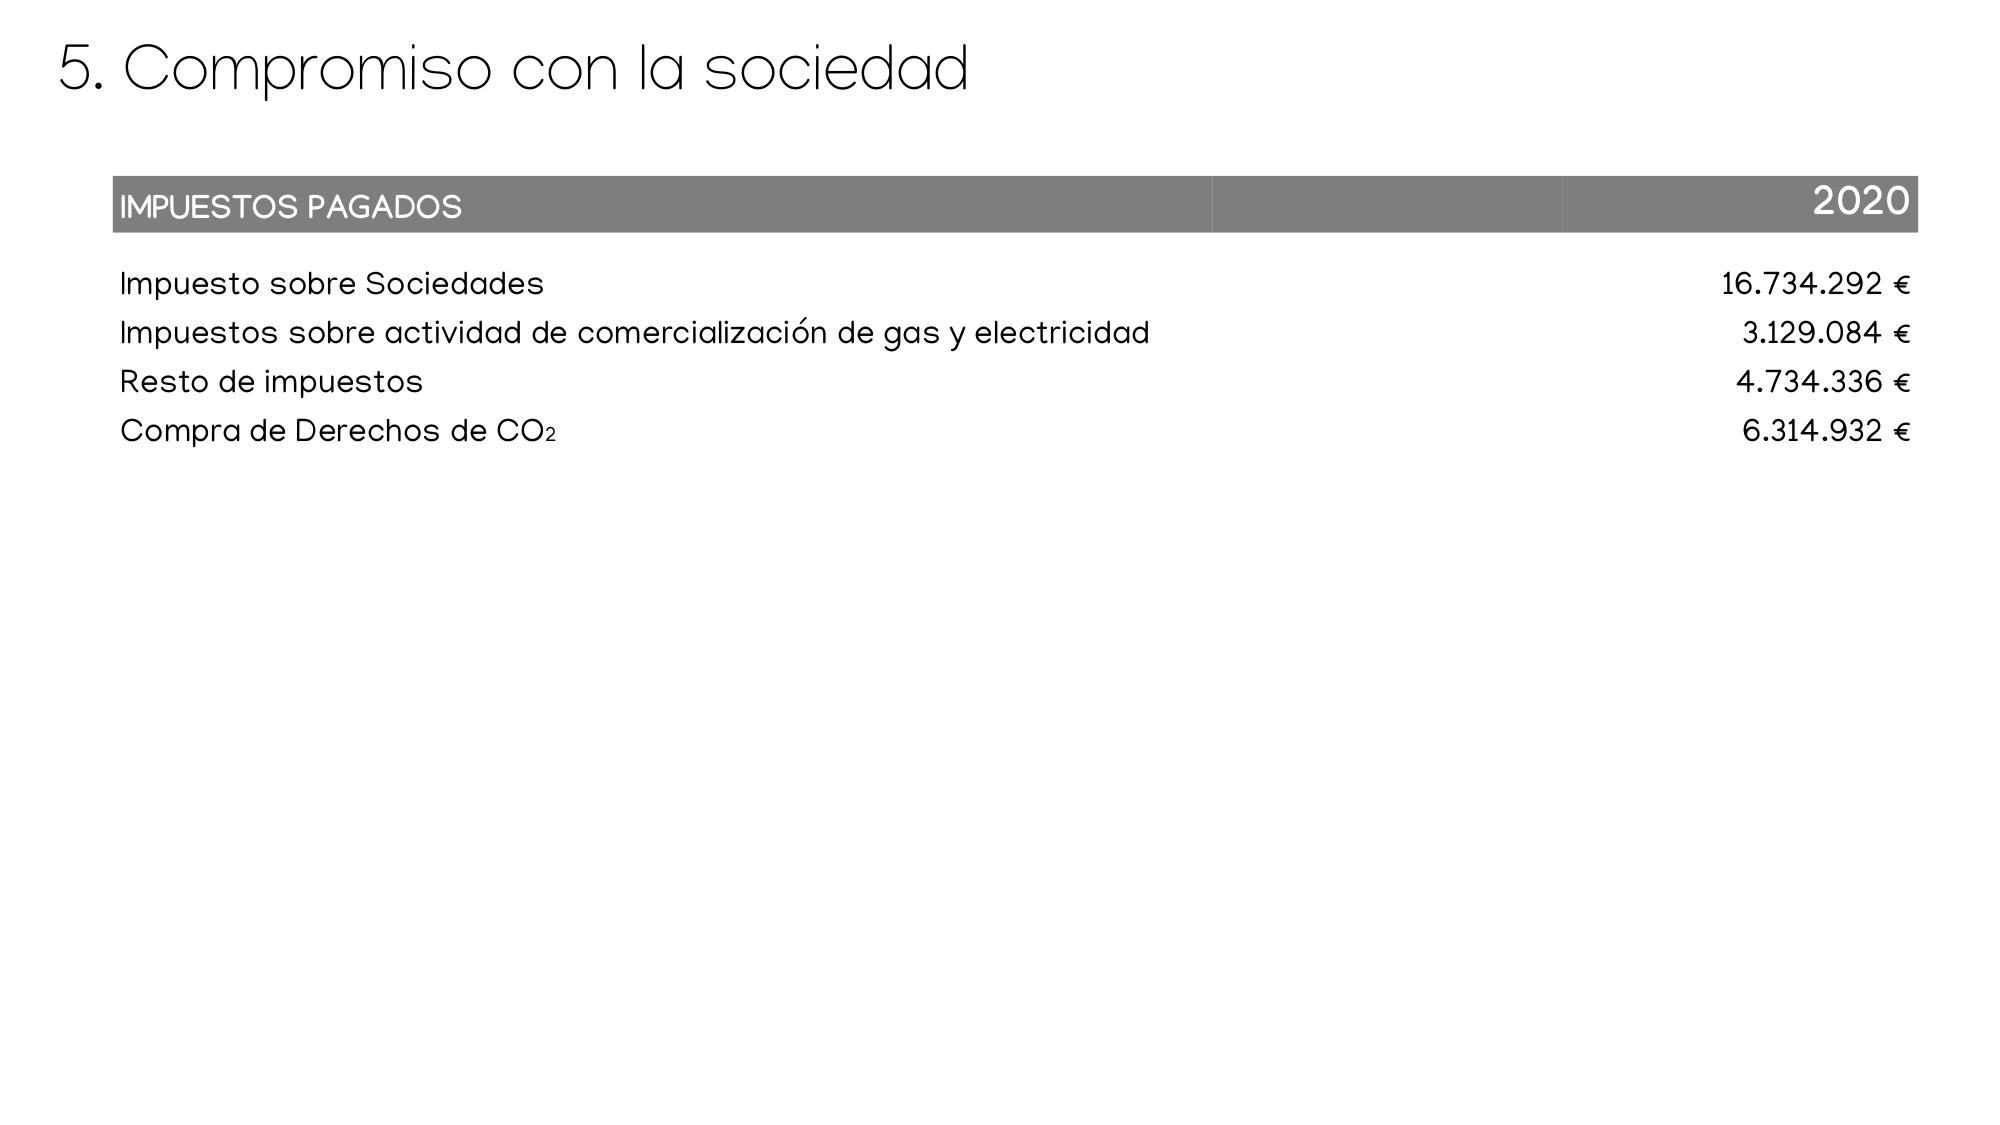 RESULTADOS_ pamesa_grupo_empresarial_page-0042